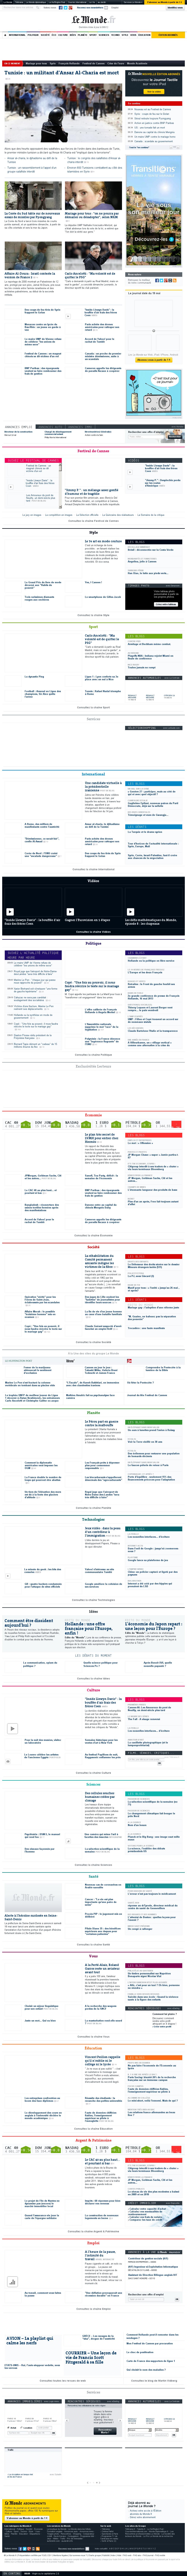 Le Monde at Monday May 20, 2013, 6:14 a.m. UTC